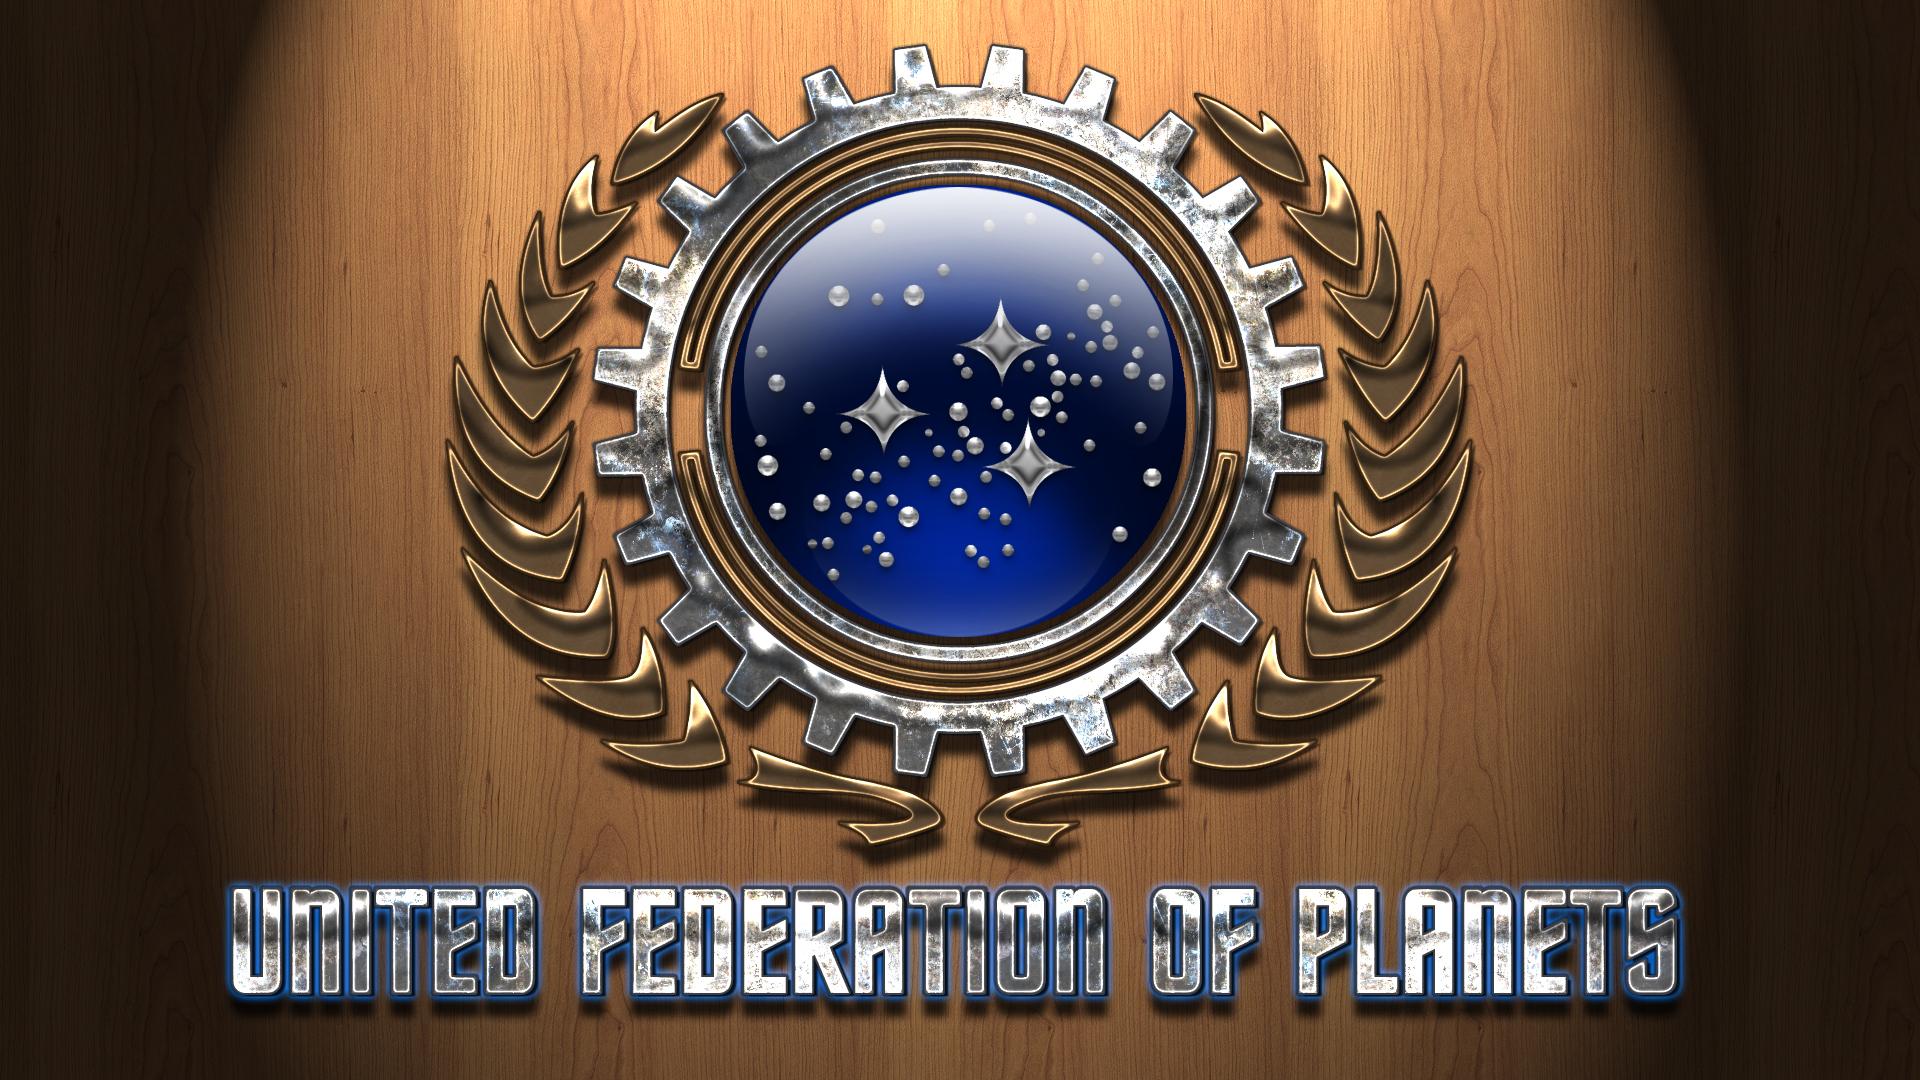 jj ufp emblem by balsavor on deviantart